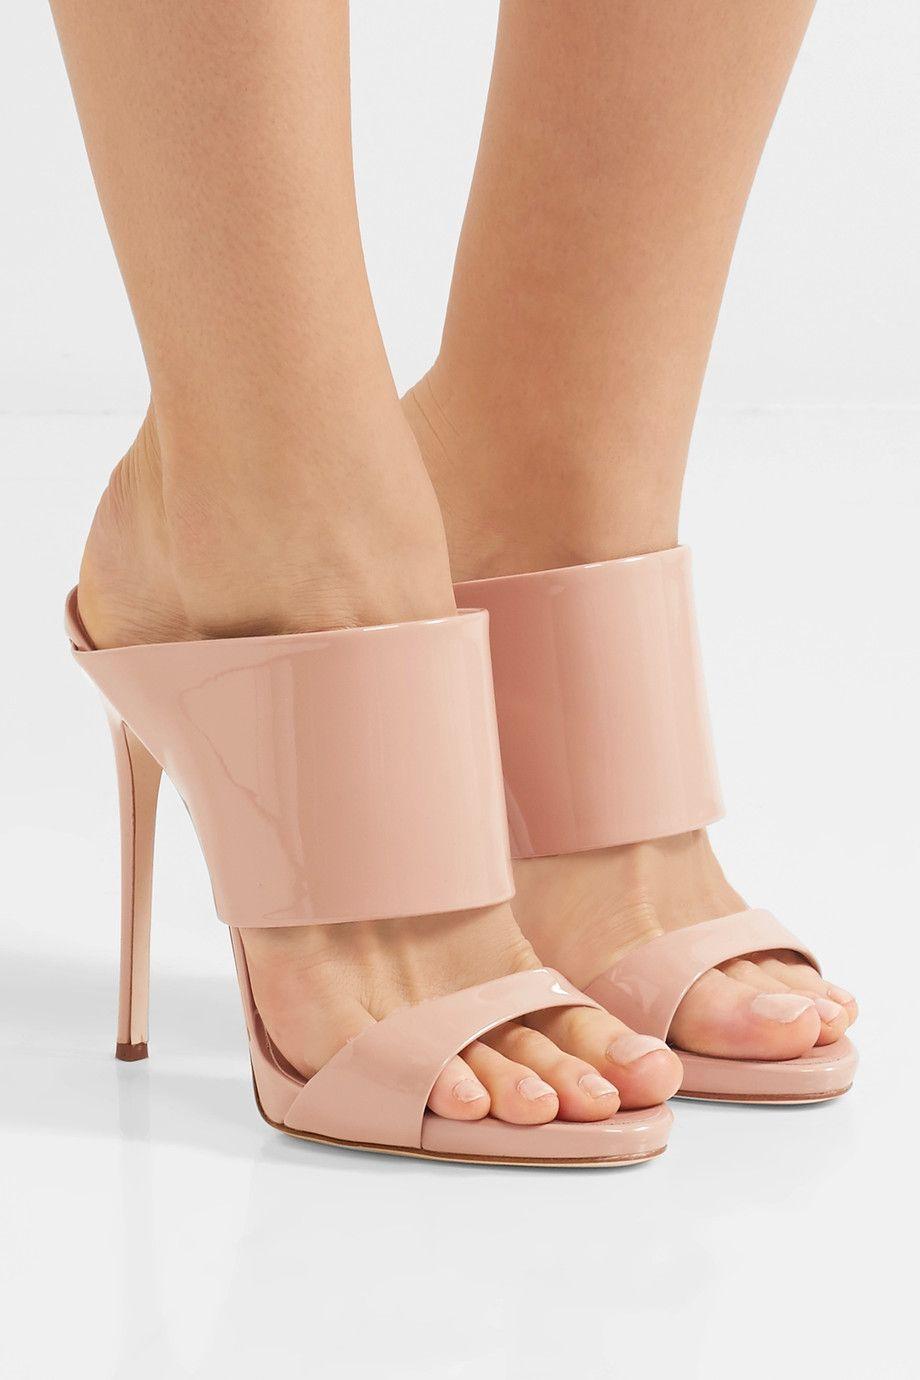 100cad966063e Giuseppe Zanotti - Andrea patent-leather mules | shoes Giuseppe ...